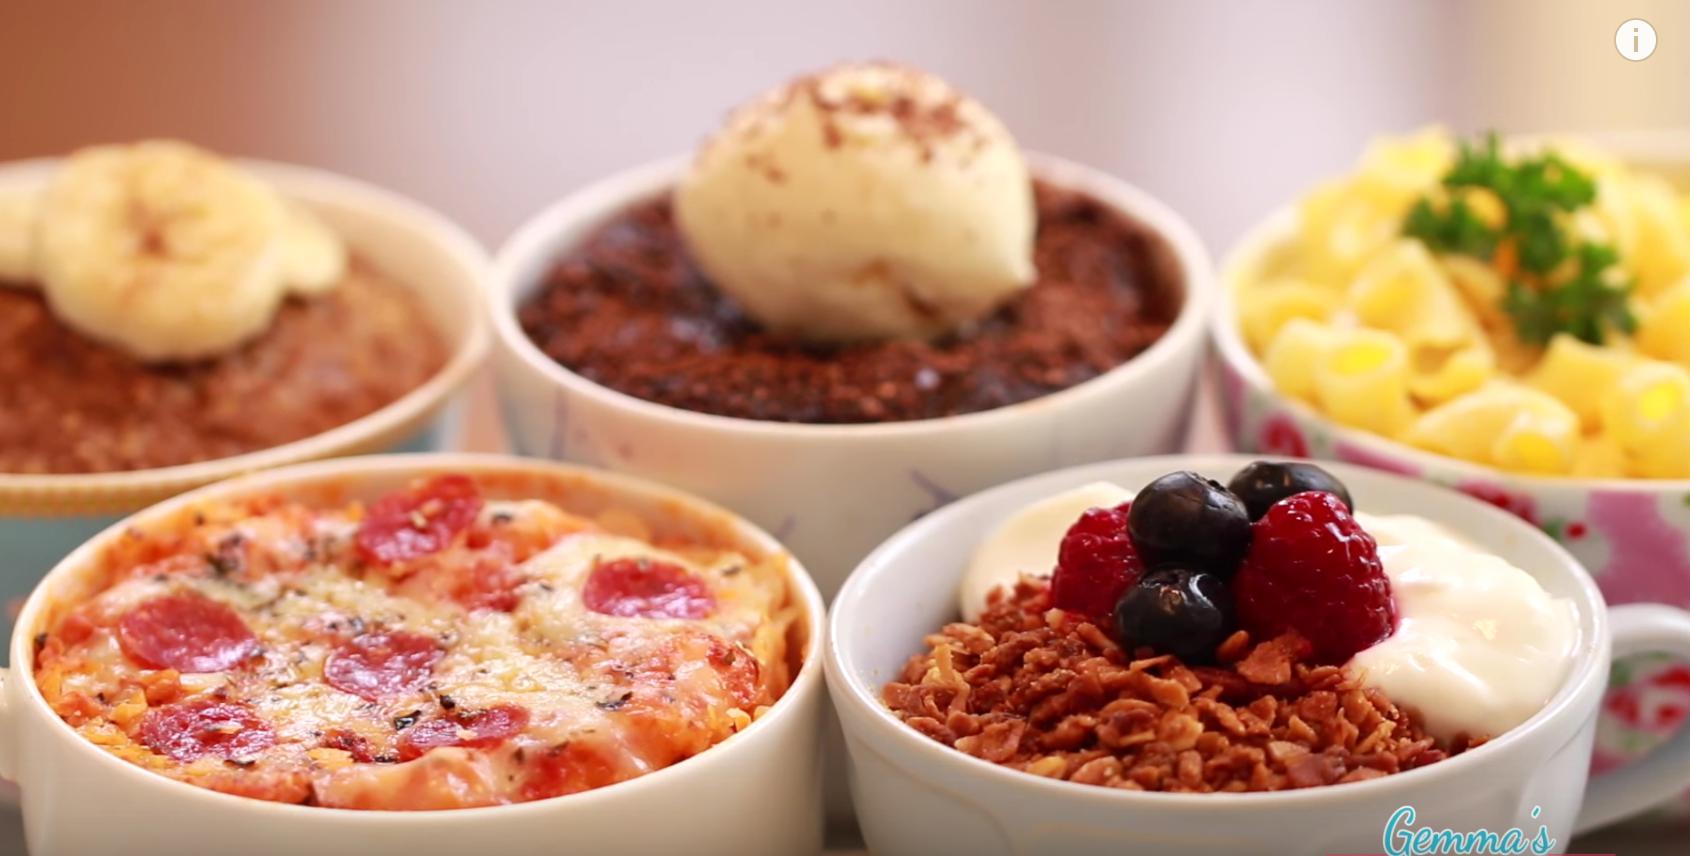 マグカップと電子レンジを使った「5つのレシピ」ピザ、マカロニ、グラノーラetc・・・